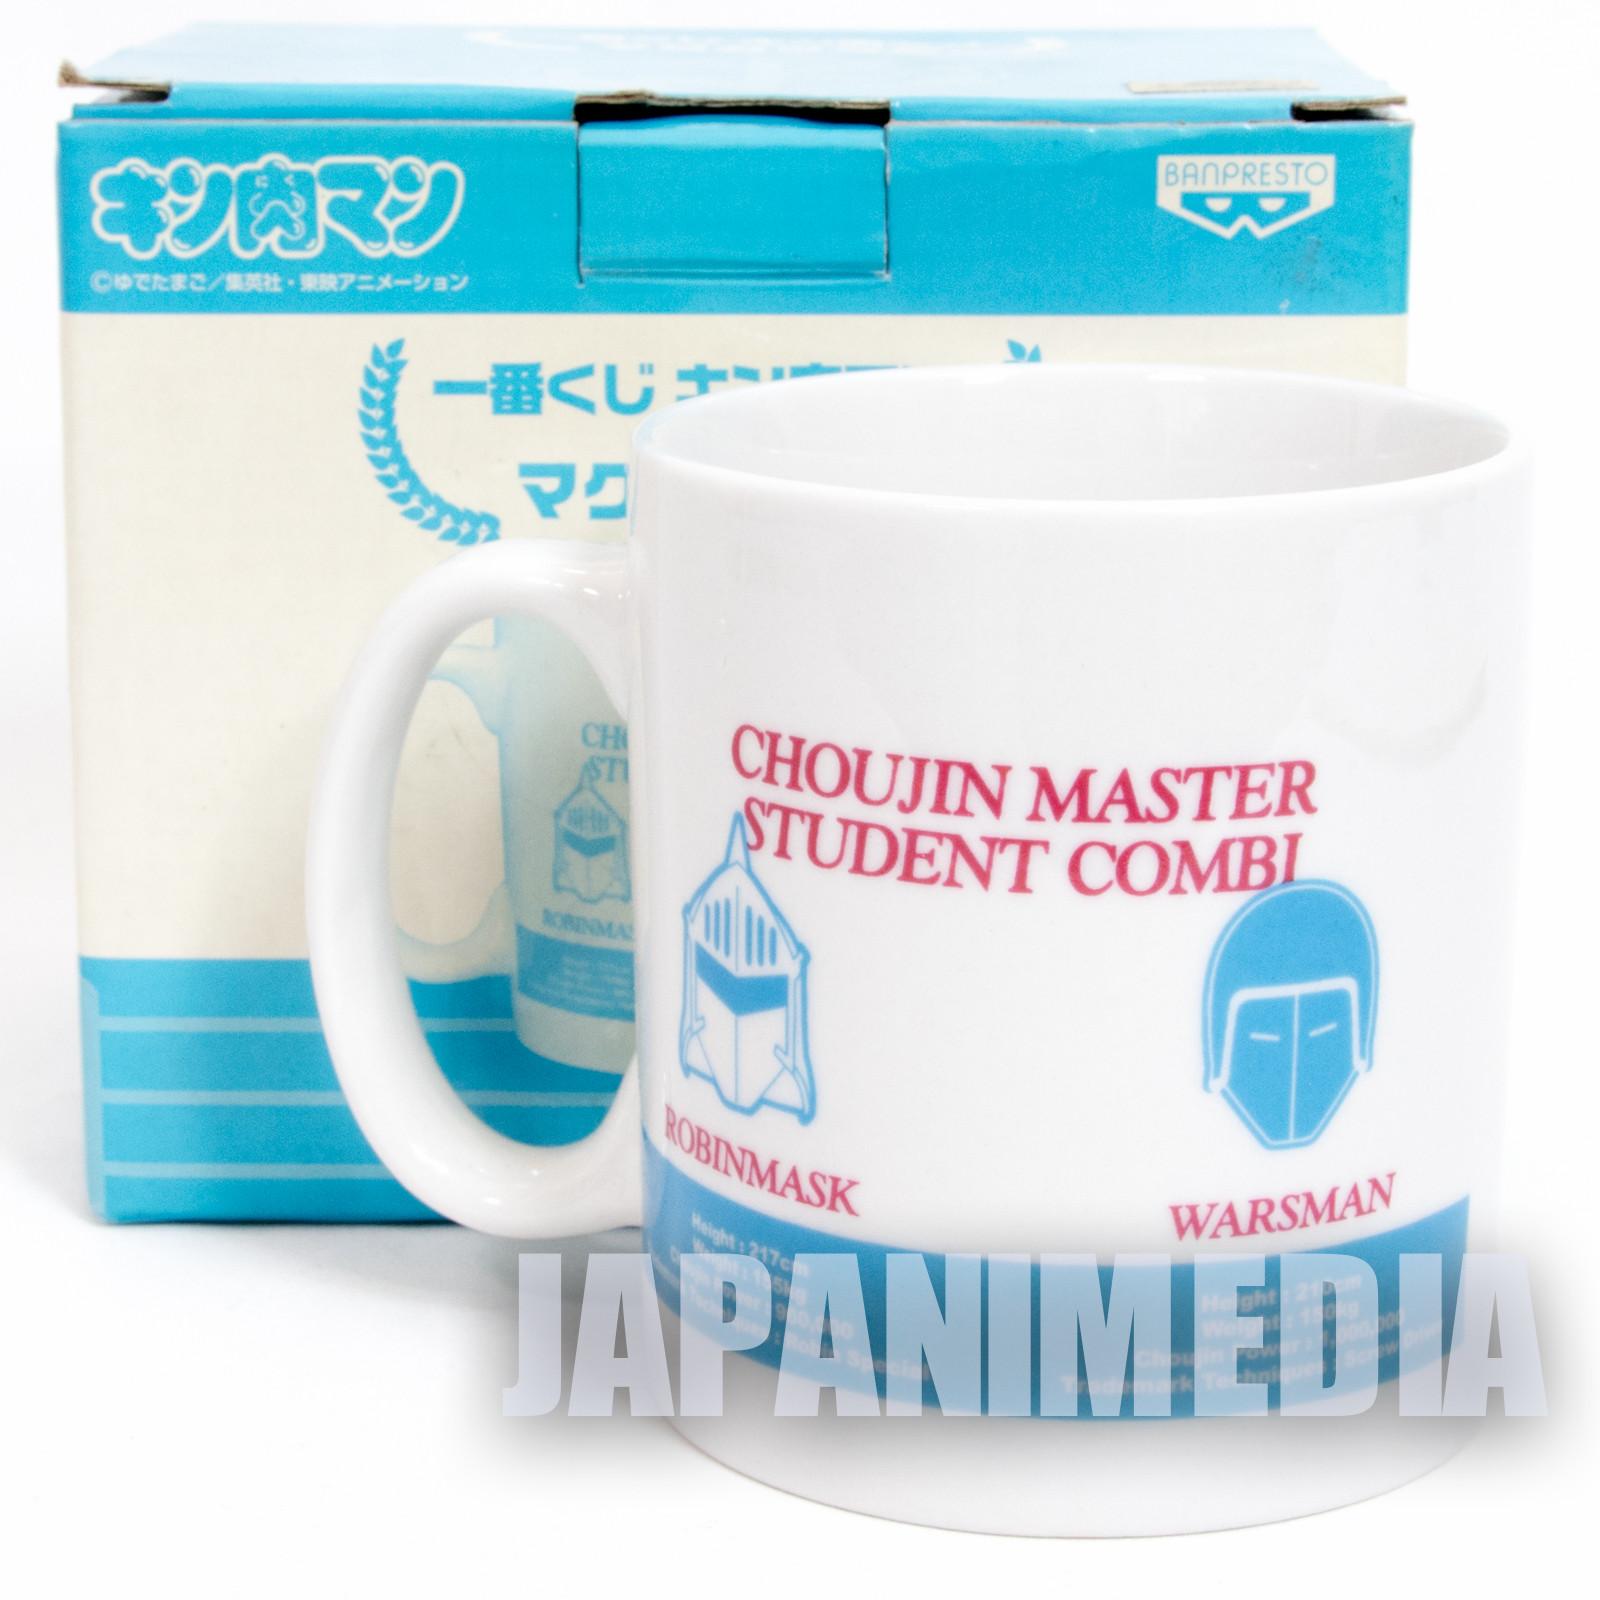 Kinnikuman Mug Hell Missionaries Warsman Robinmask JAPAN ANIME MUSCLE MAN